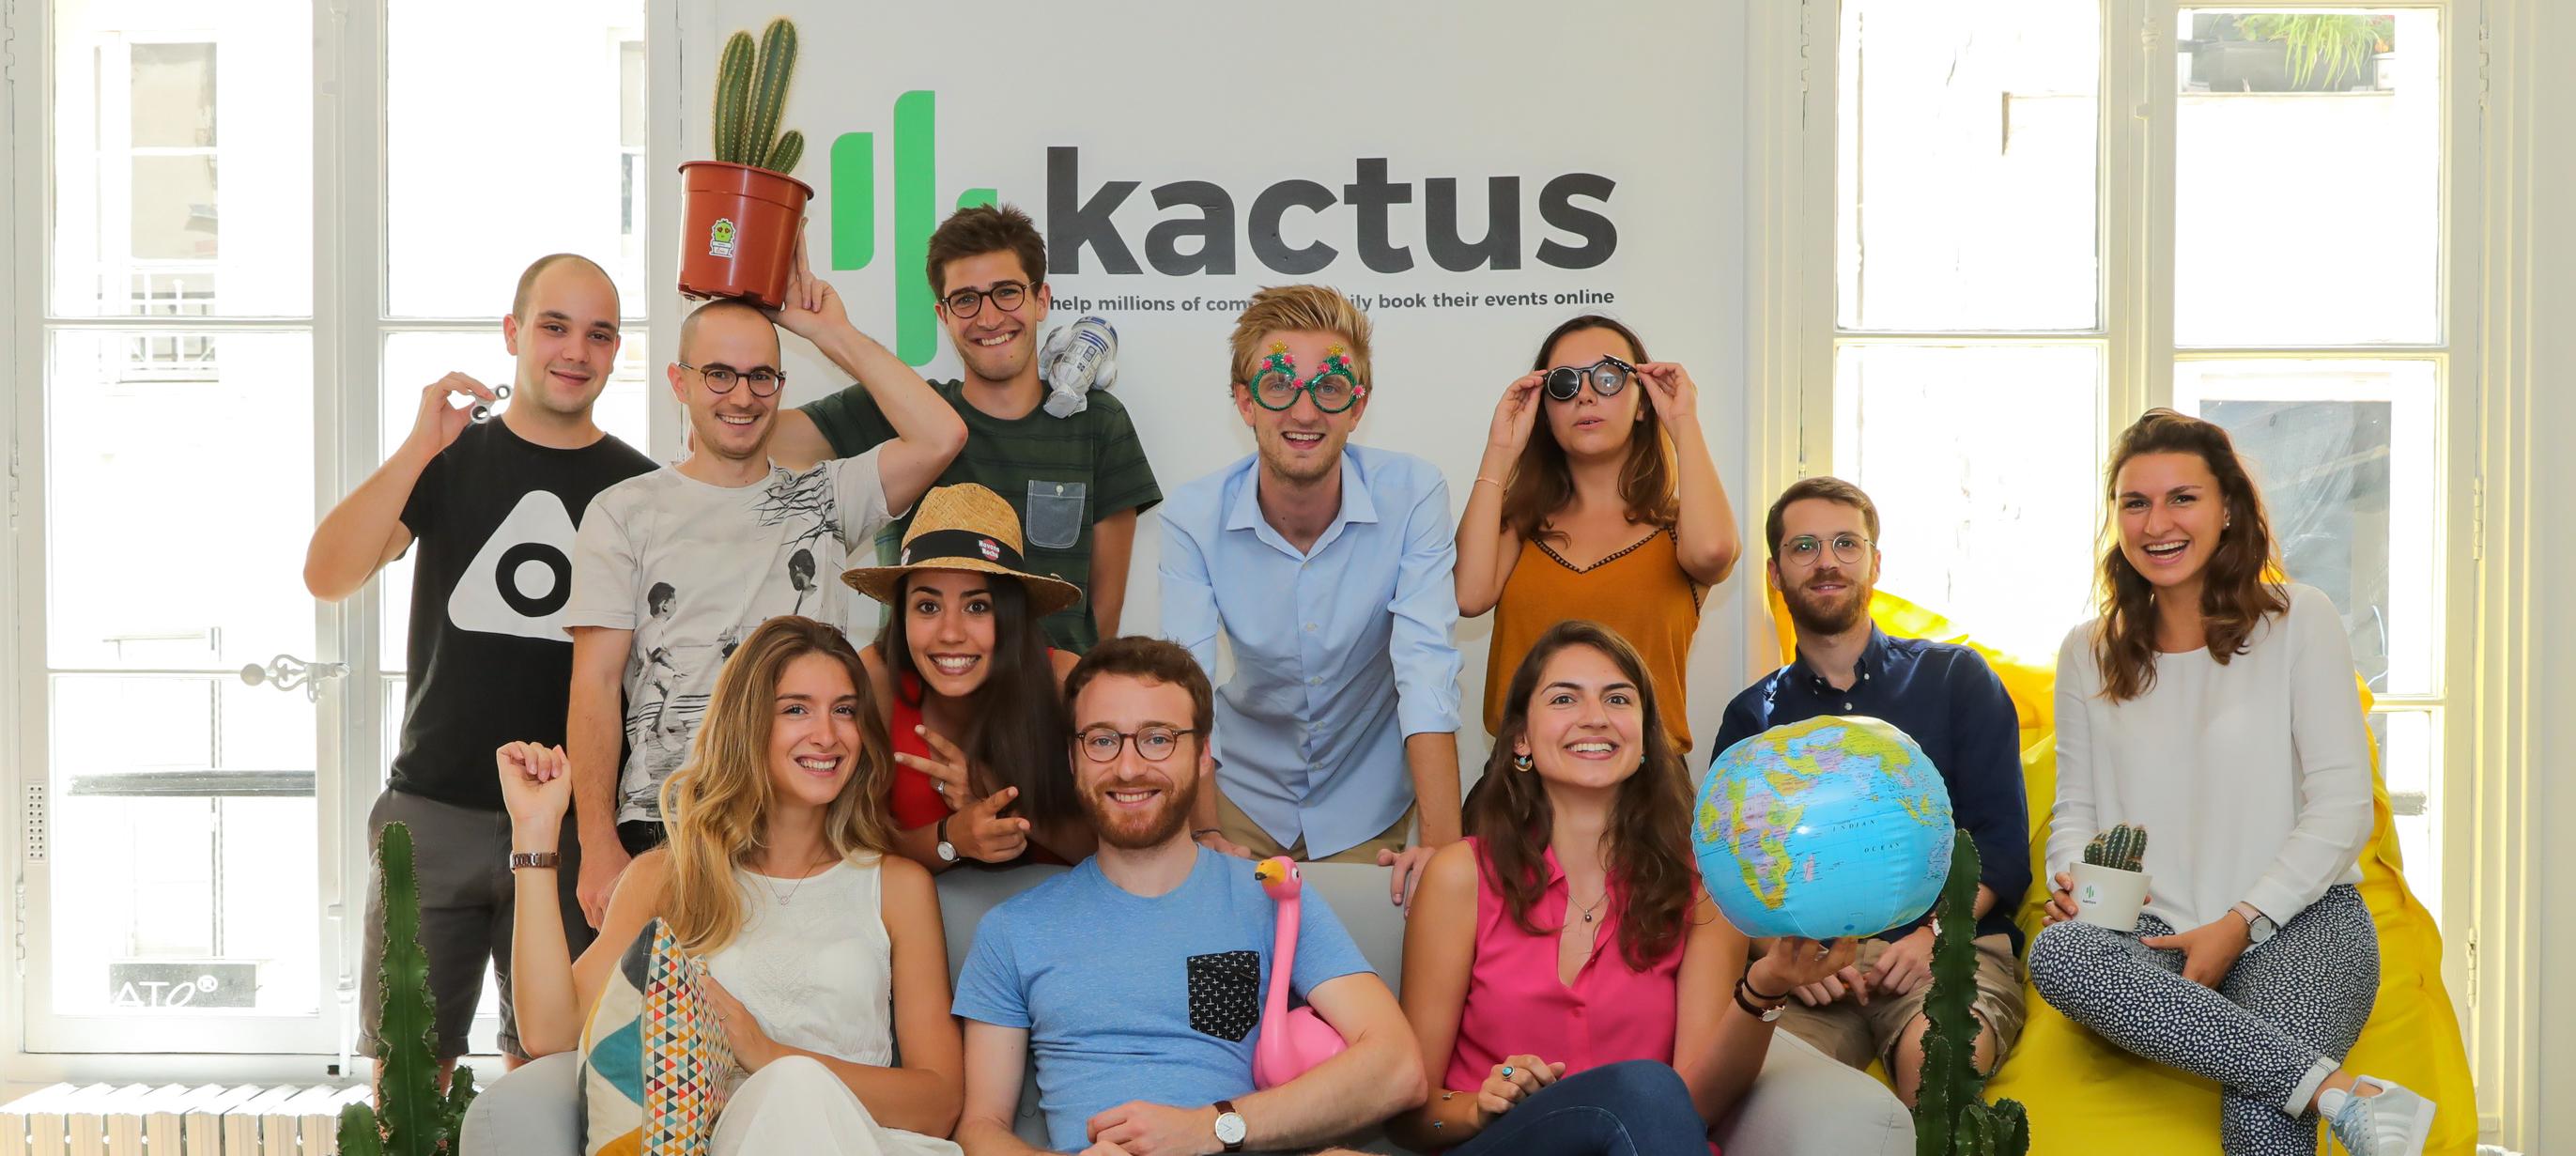 Kactus - Team copie 2